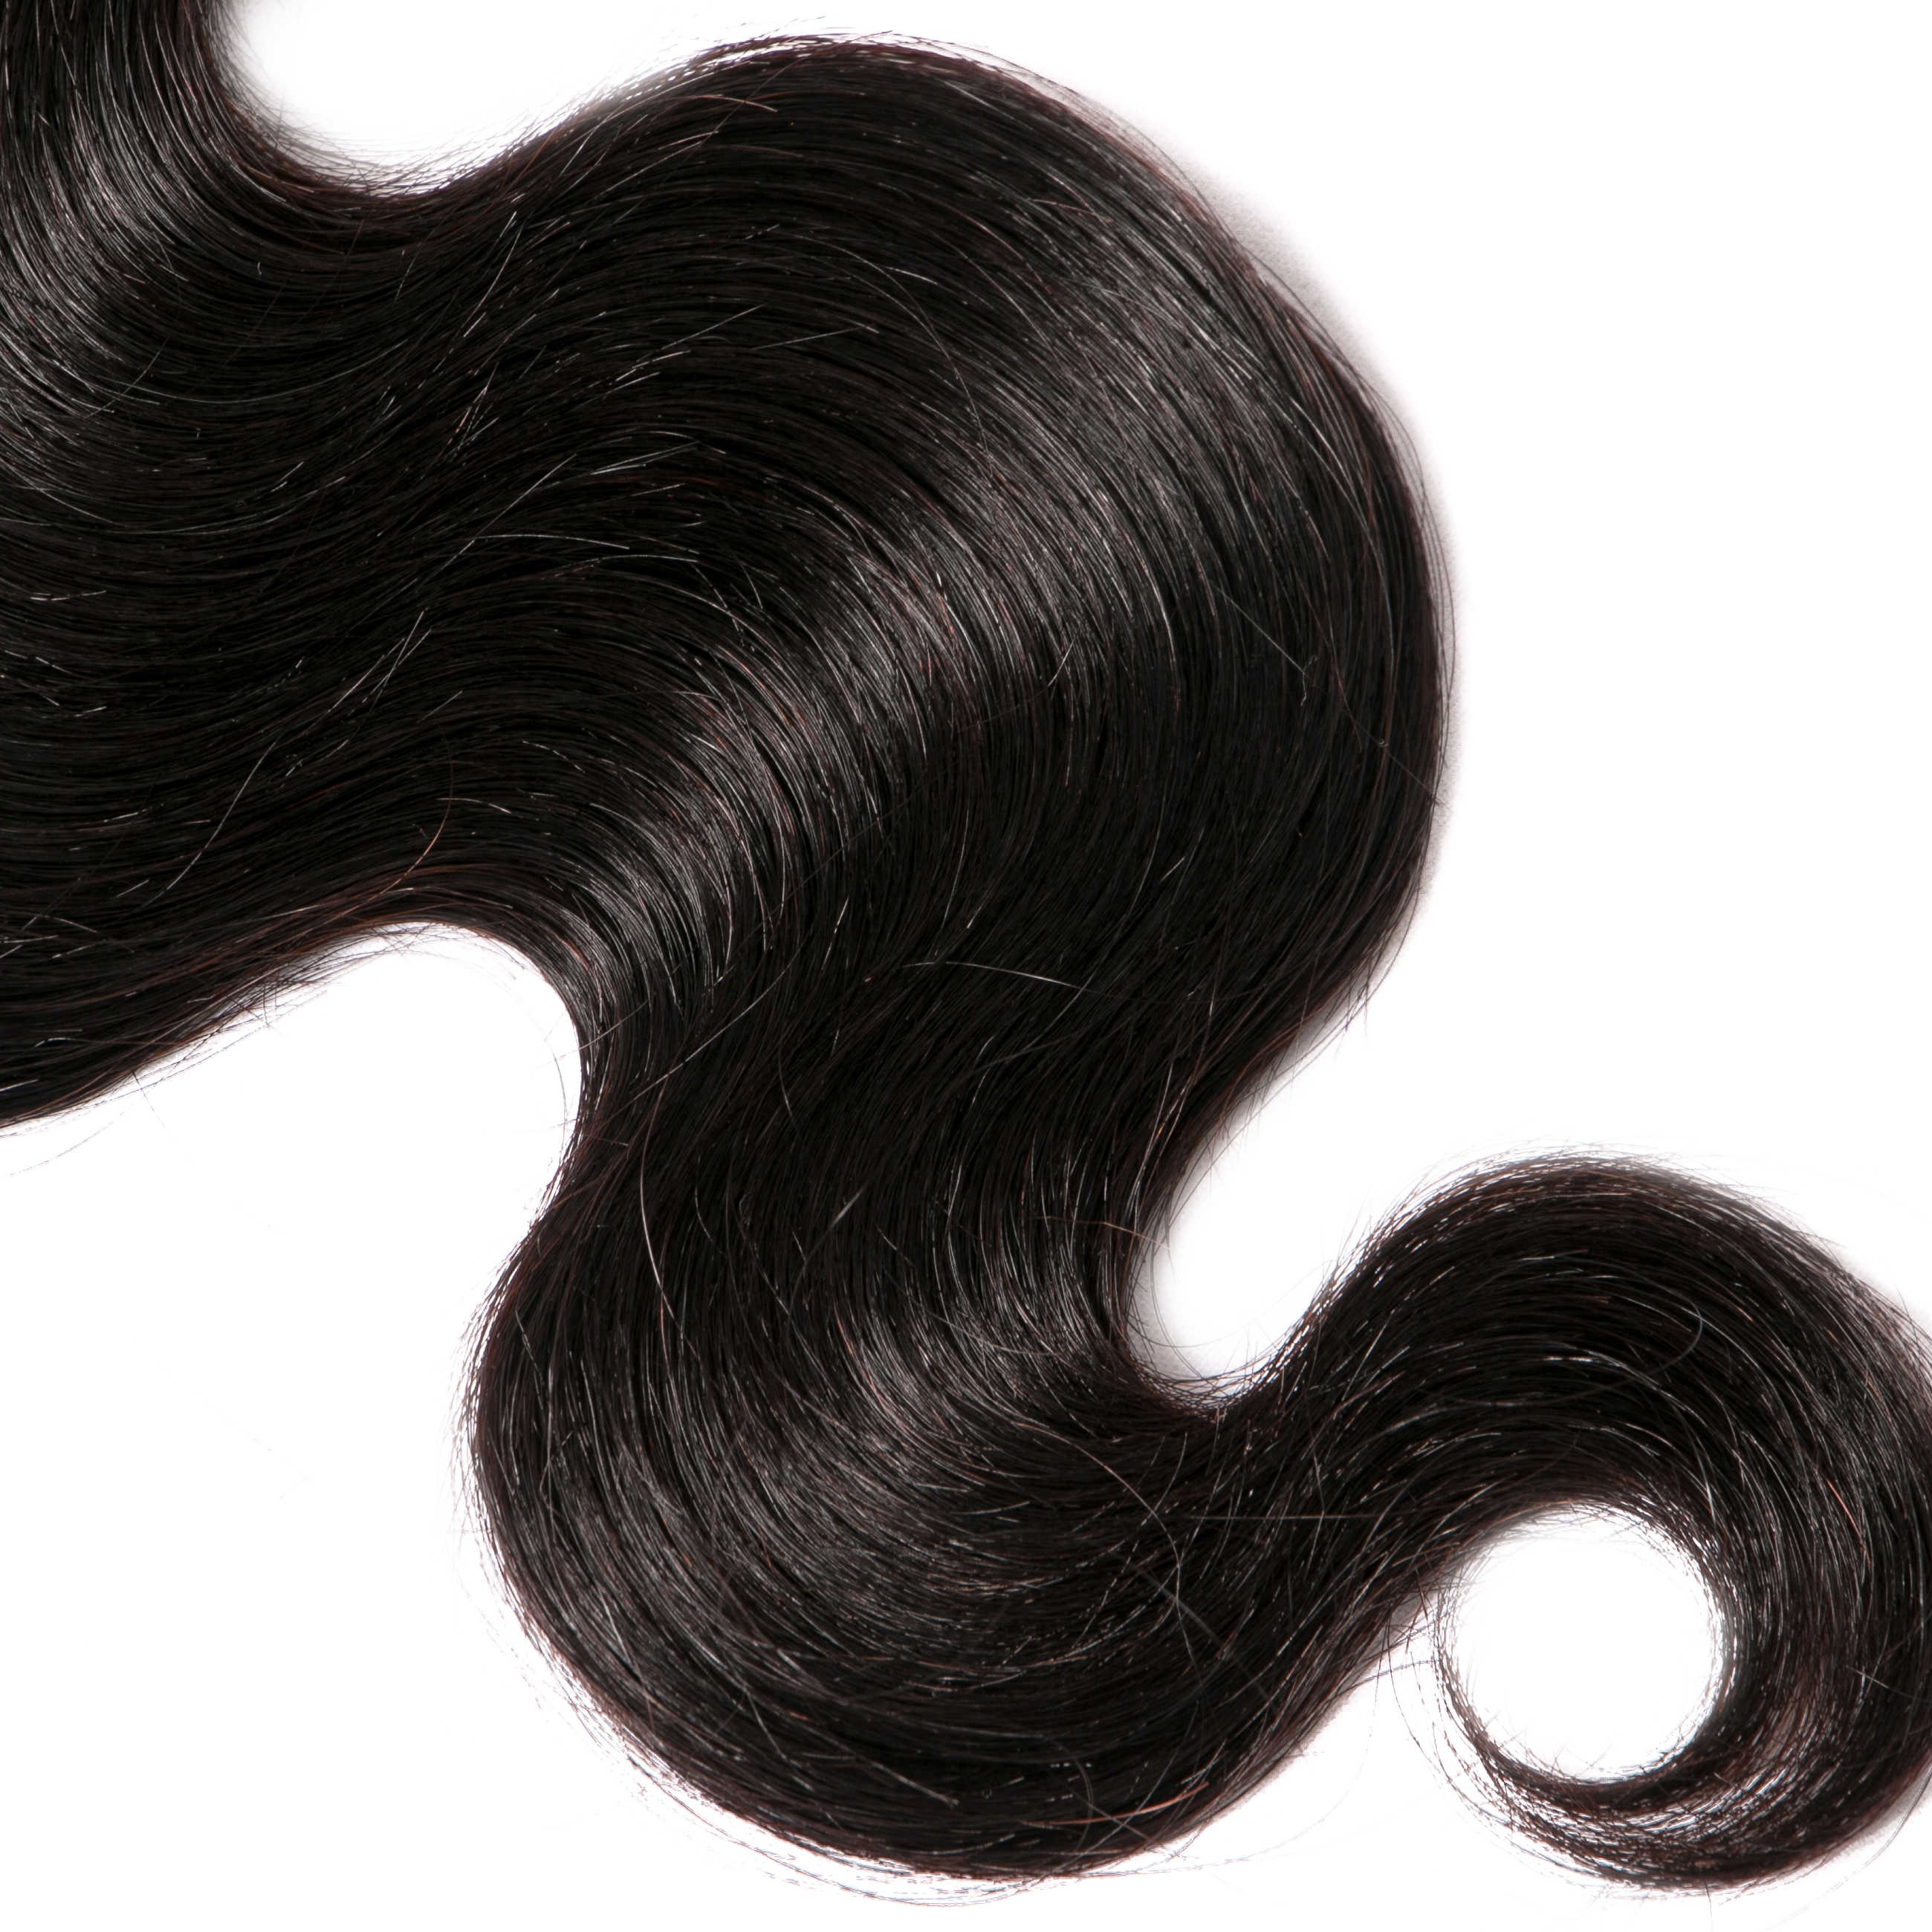 פרואני גוף גל שיער חבילות צבע טבעי Yavida שיער טבעי Weave חבילות 8-30 אינץ ללא רמי הארכת שיער 1 /3/4 pcs